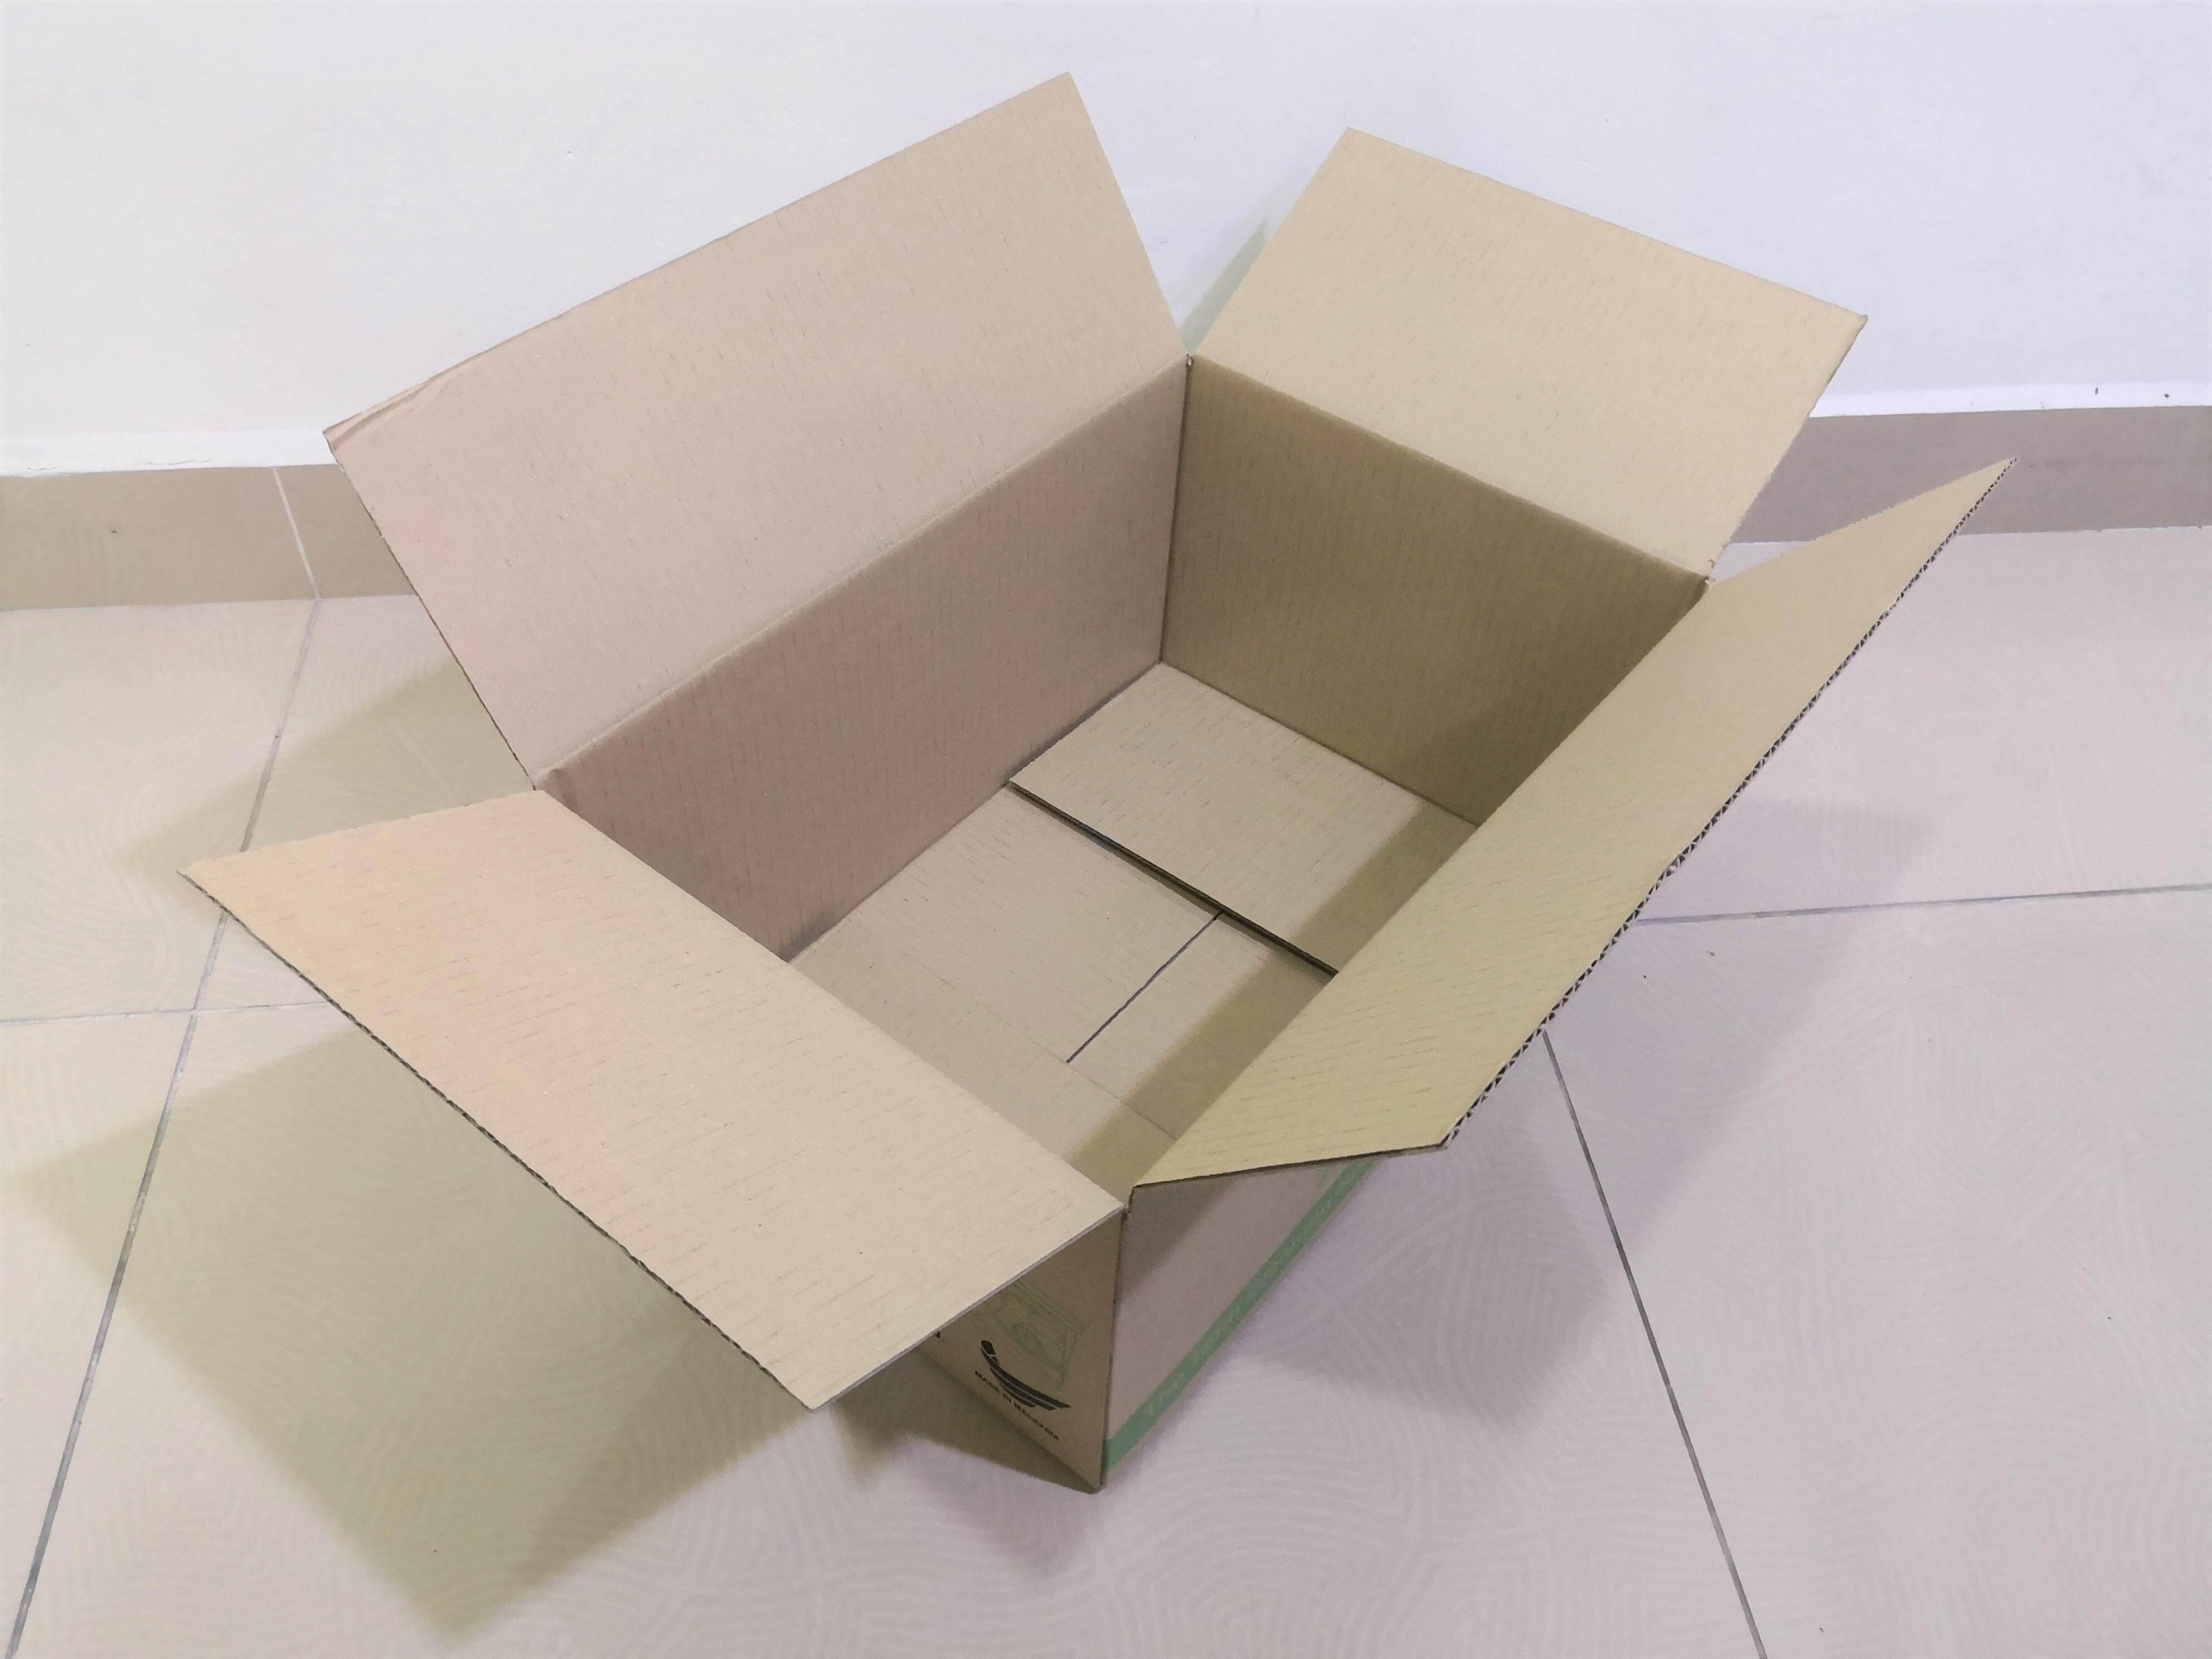 17pcs Printed Carton Boxes (L390 x W266 x H192mm)